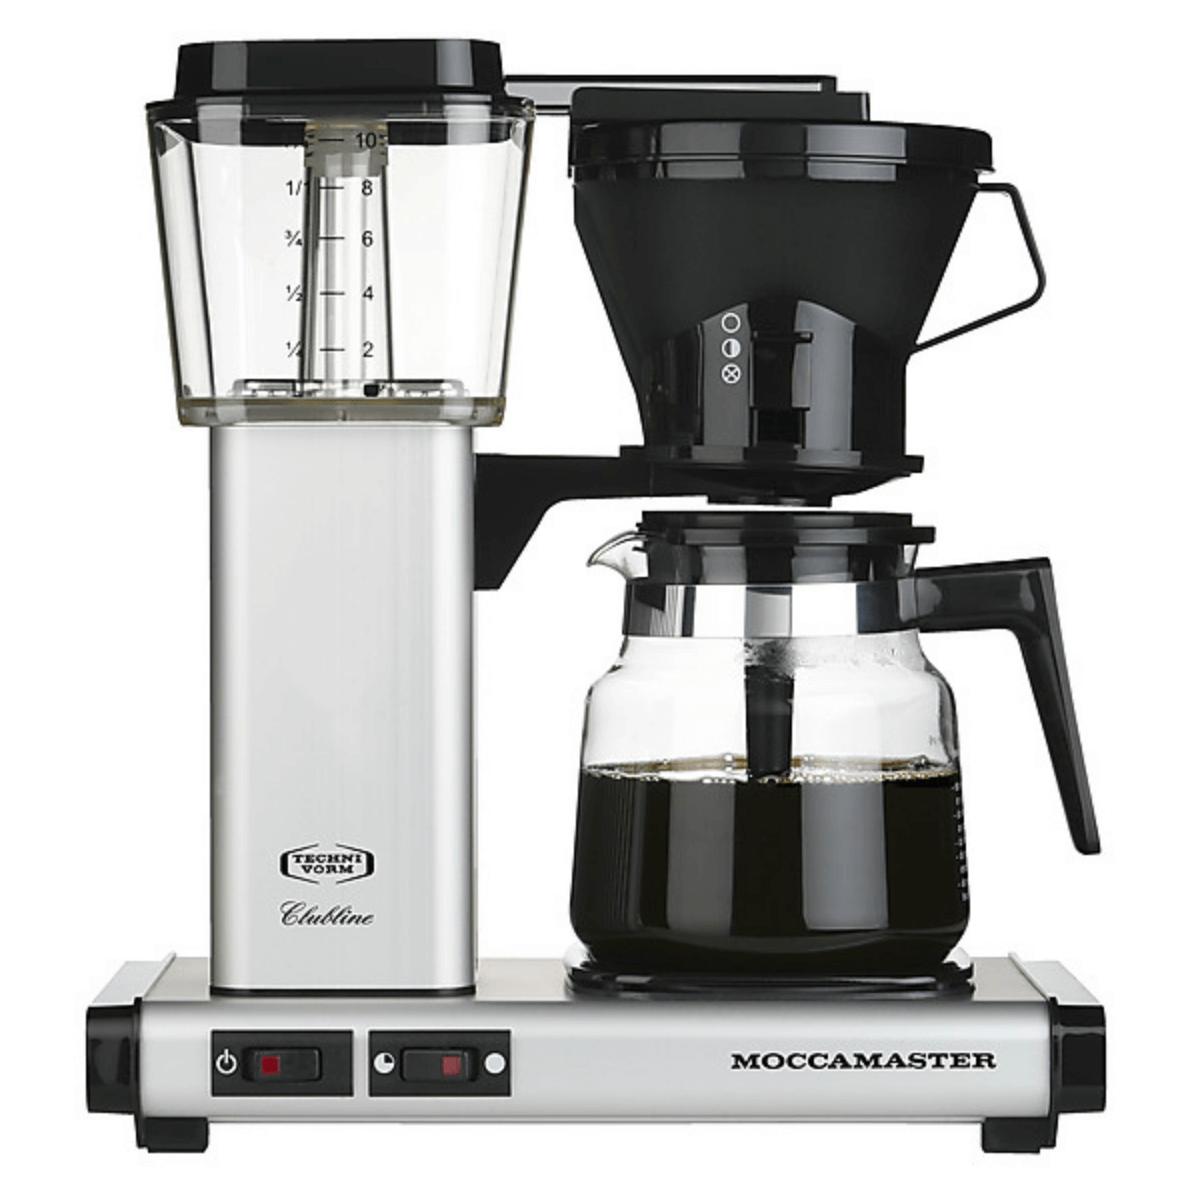 moccamaster kaffemaskine - bedst i test af kaffemaskiner – Moccamaster KB952 AO